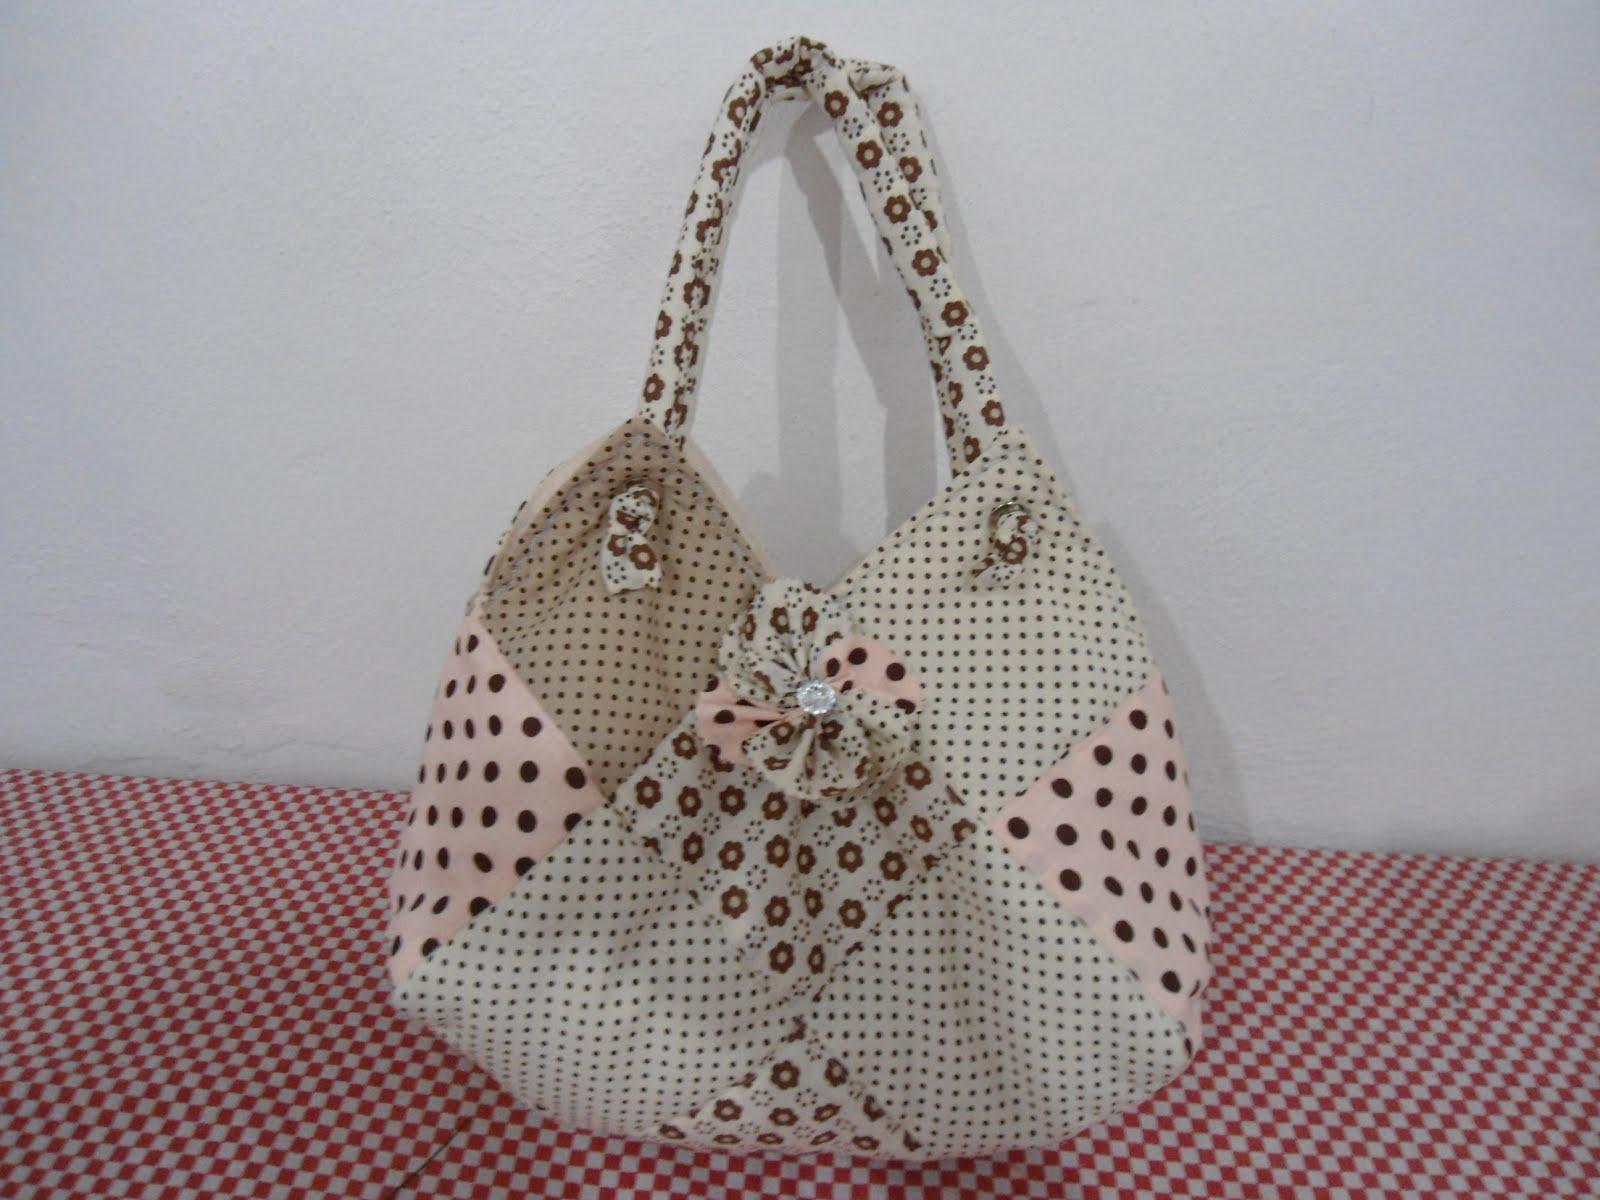 Bolsa De Pano Artesanato : Namari artesanato bolsas com quadrados de tecidos